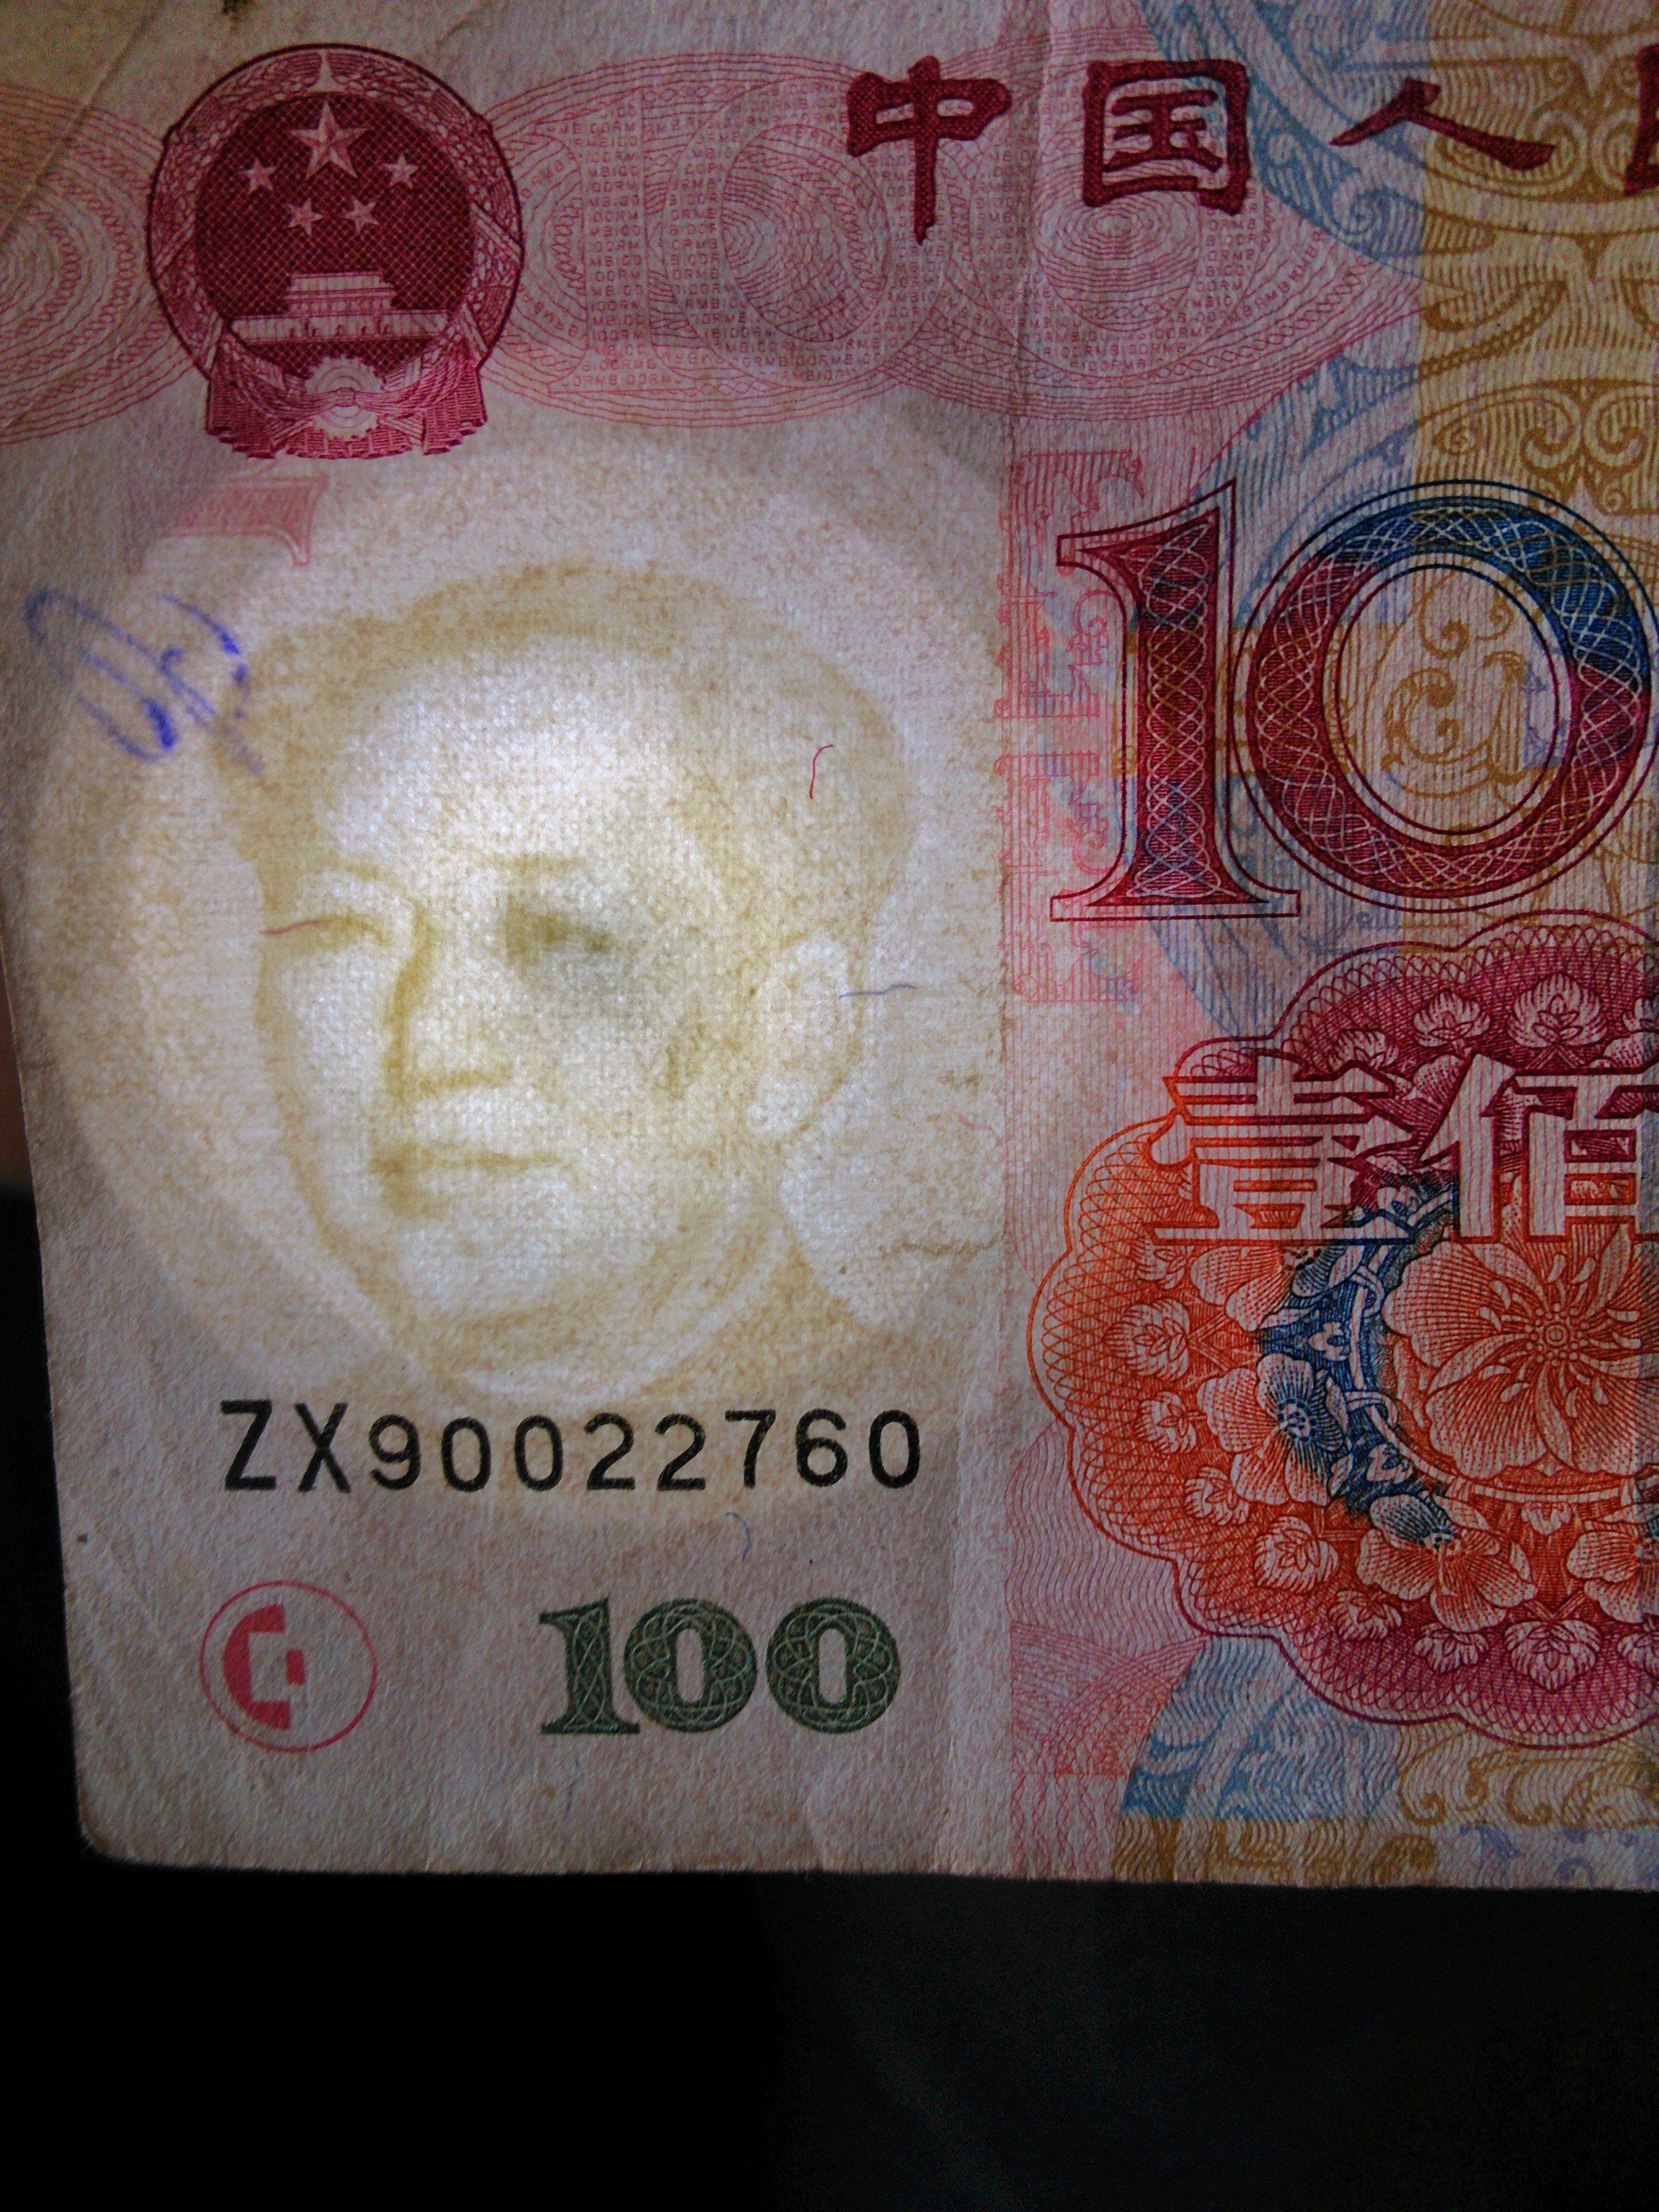 人民币�ya`��a���-�_这是错版人民币吗?求大师鉴定